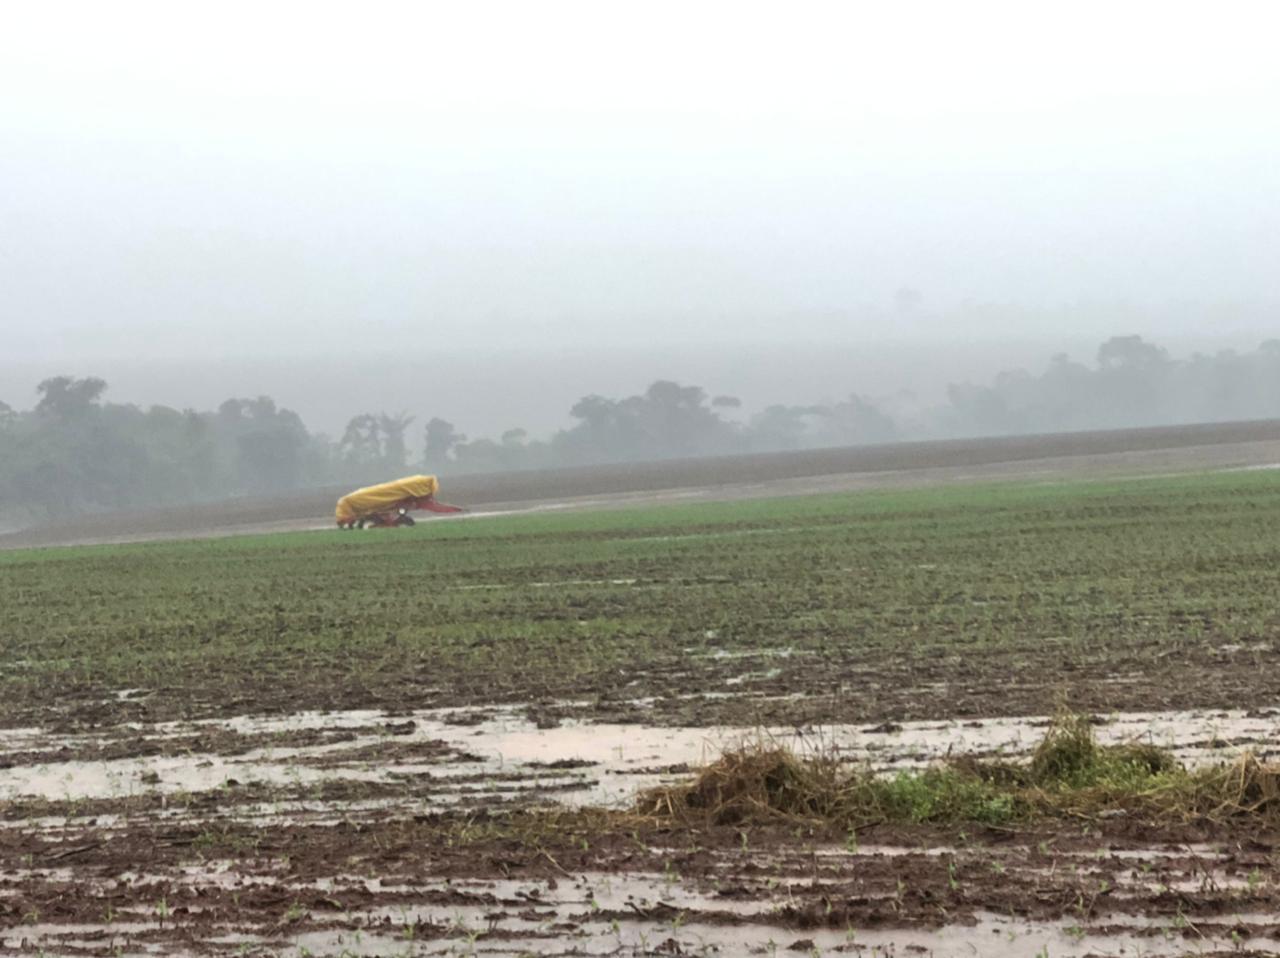 Soja perdendo qualidade com a chuva em Mato Grosso - Safra 2020/21